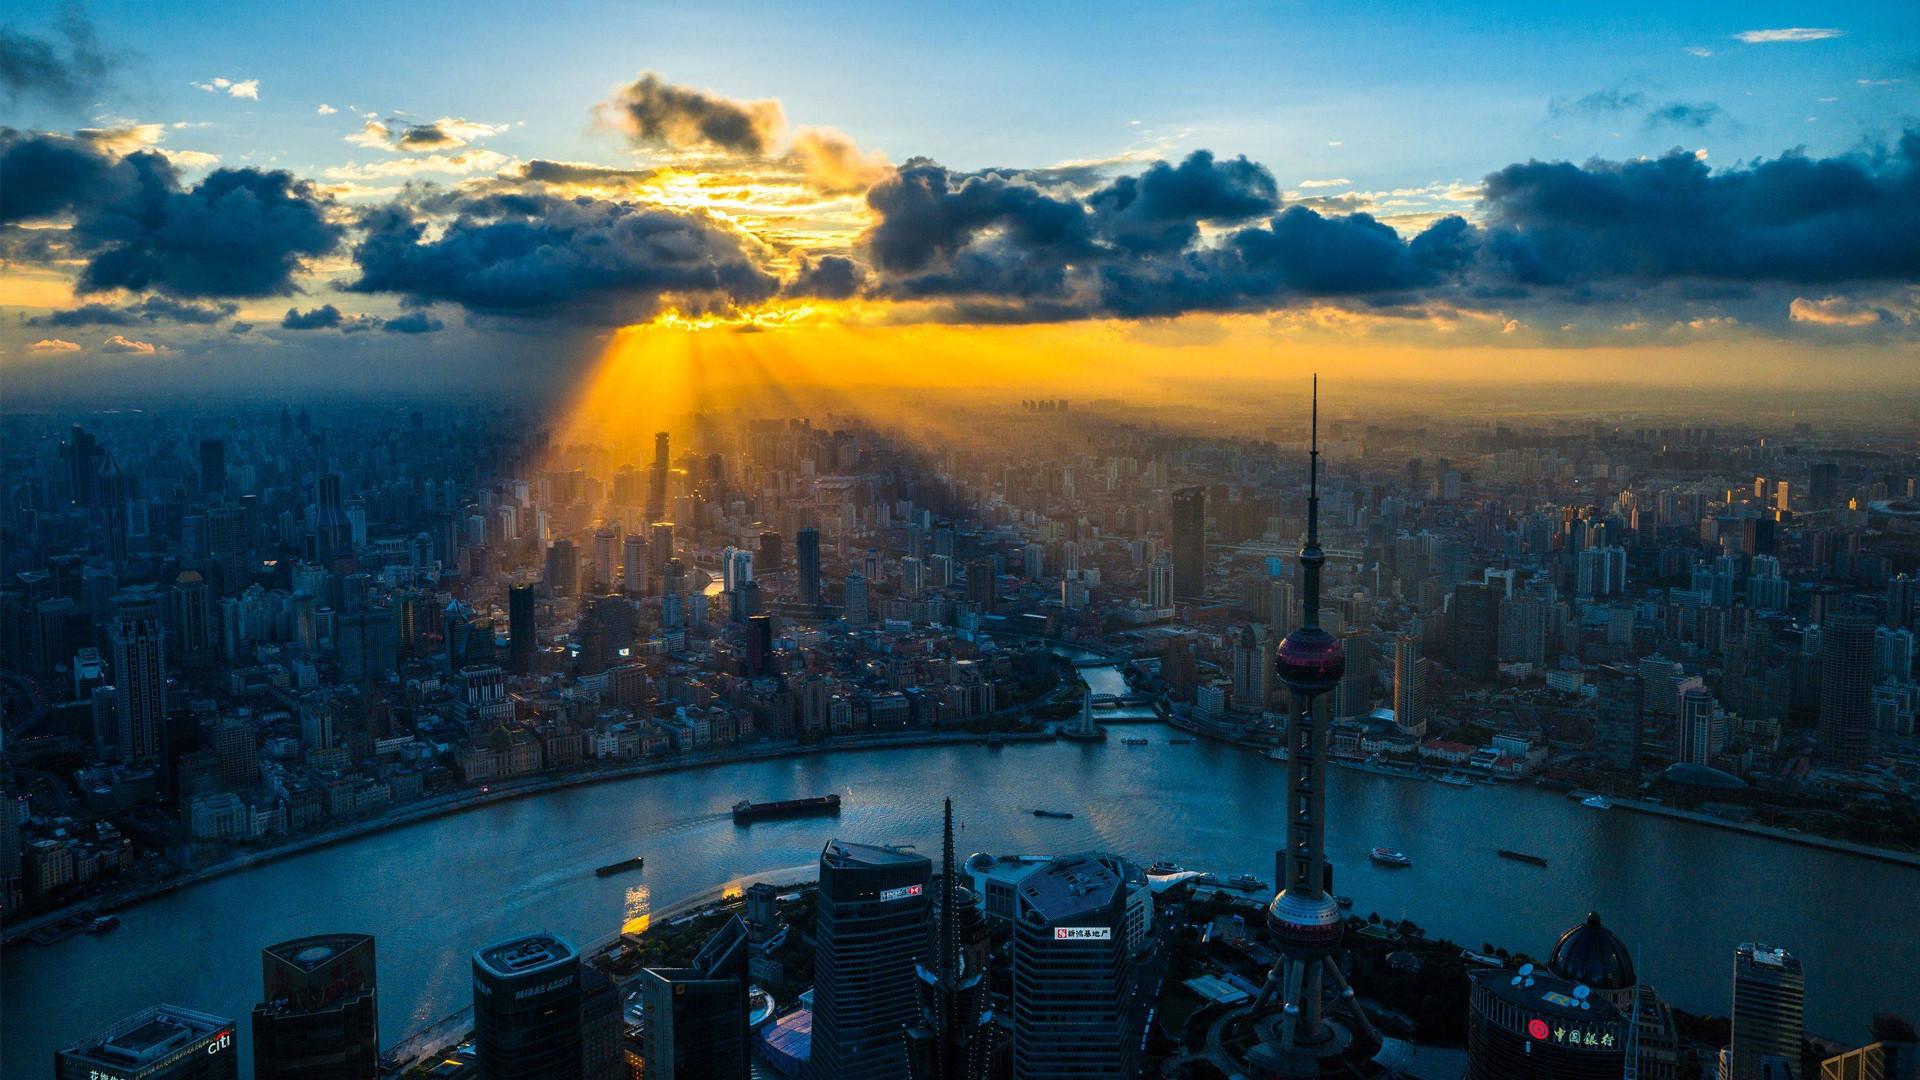 shanghai sunset china widescreen hd wallpaper.jpg